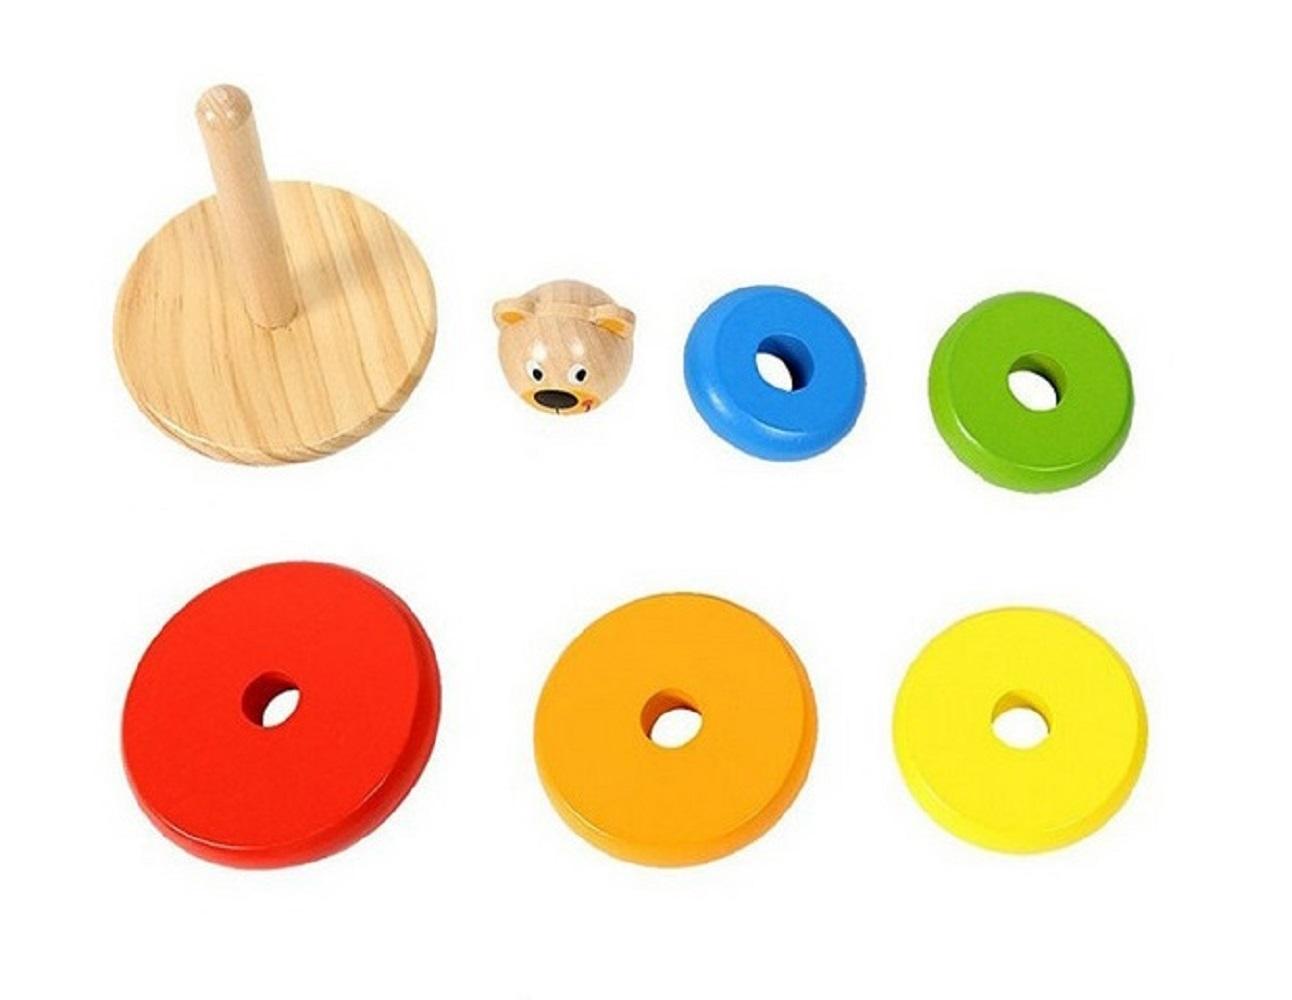 Brinquedo de Madeira Urso Bloco para Encaixe, anéis, da Tooky Toy - Cód. TKF004